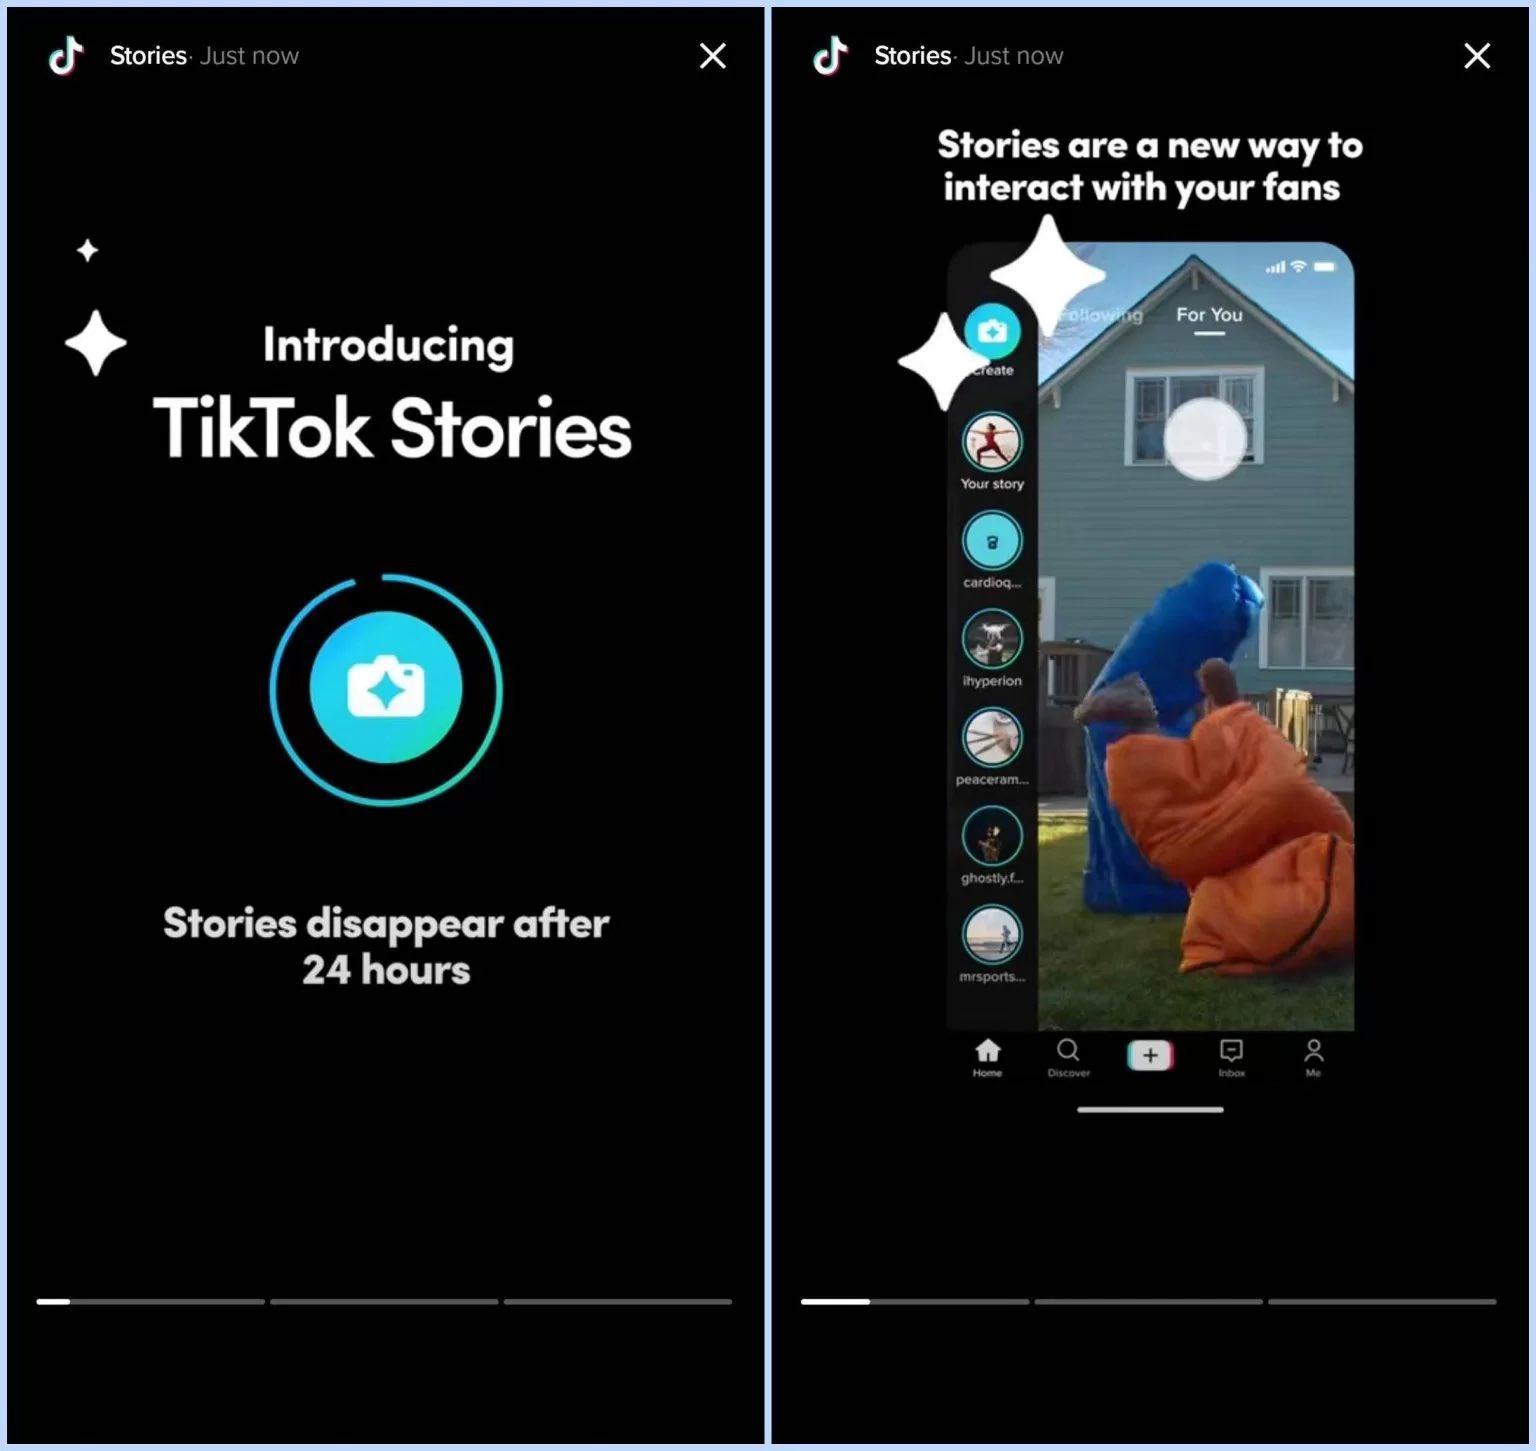 """Bắt chước Snapchat, TikTok """"nhá hàng"""" tính năng Stories - marketingreview.vn"""